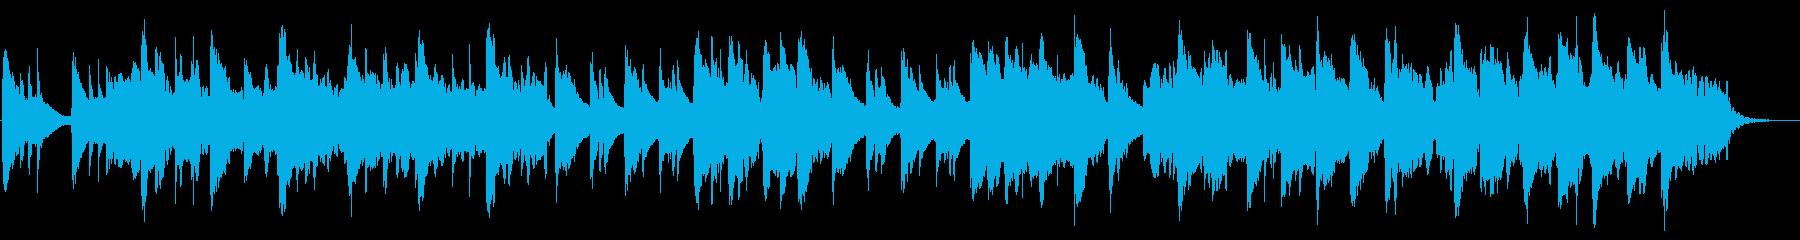 和風な雰囲気の日本民謡っぽいインスト曲の再生済みの波形